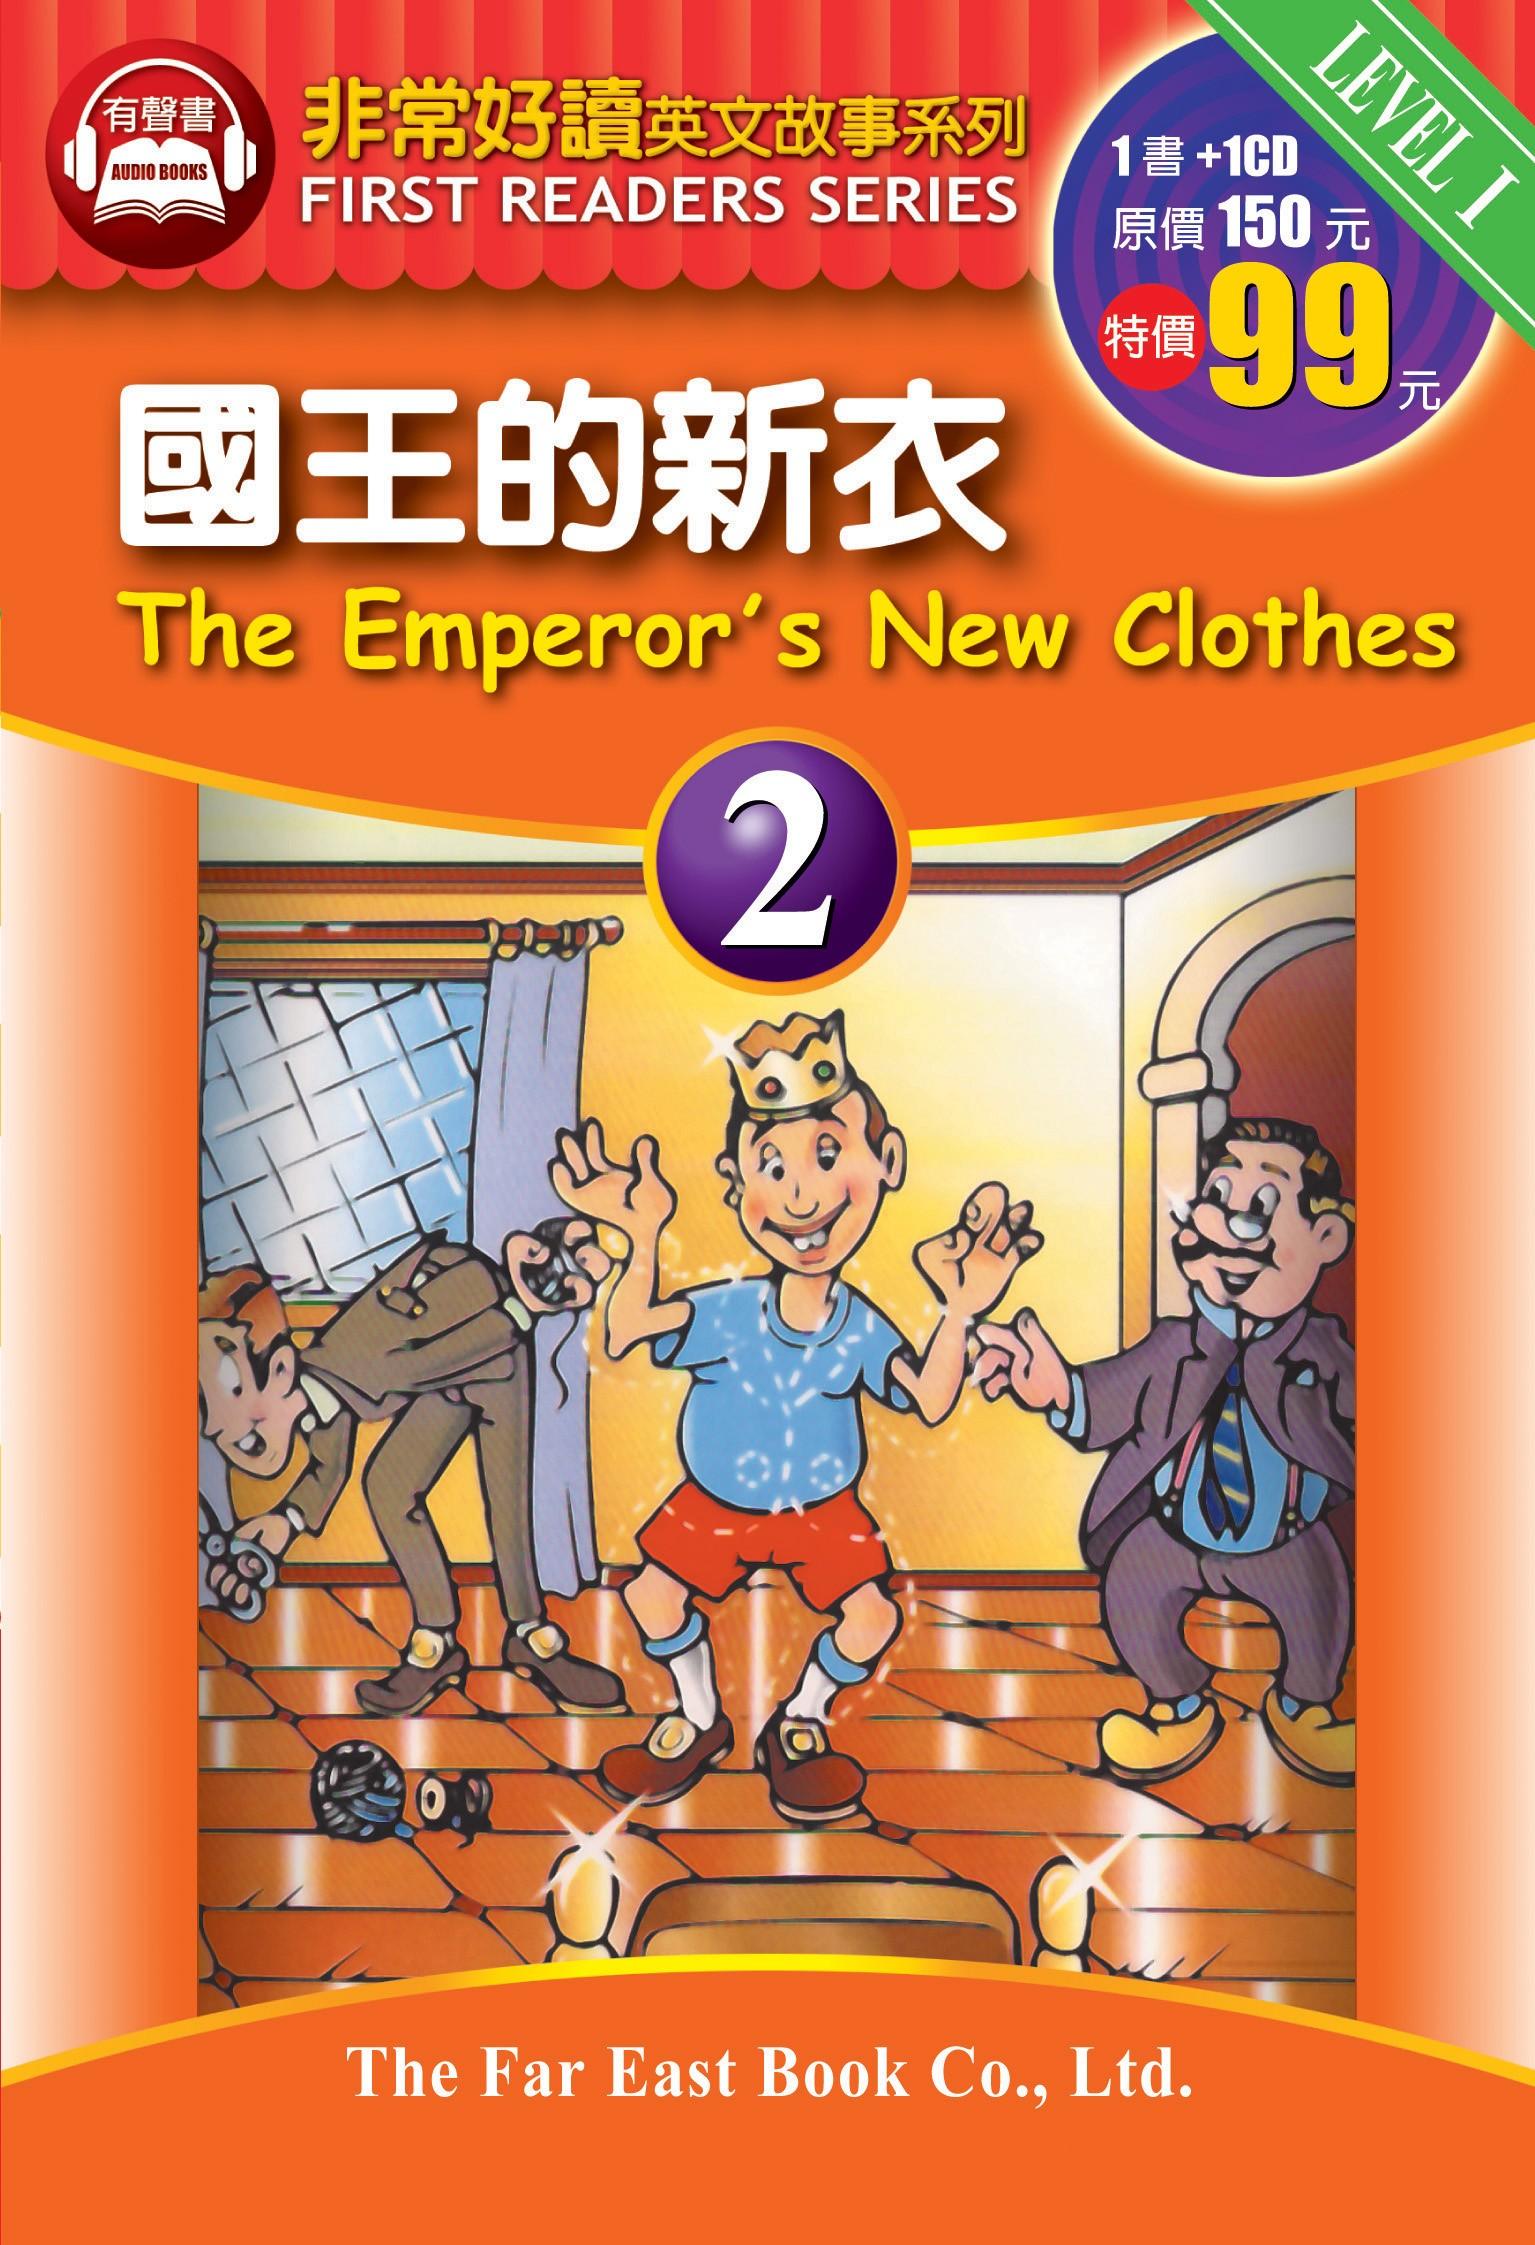 國王的新衣(1書+1CD)